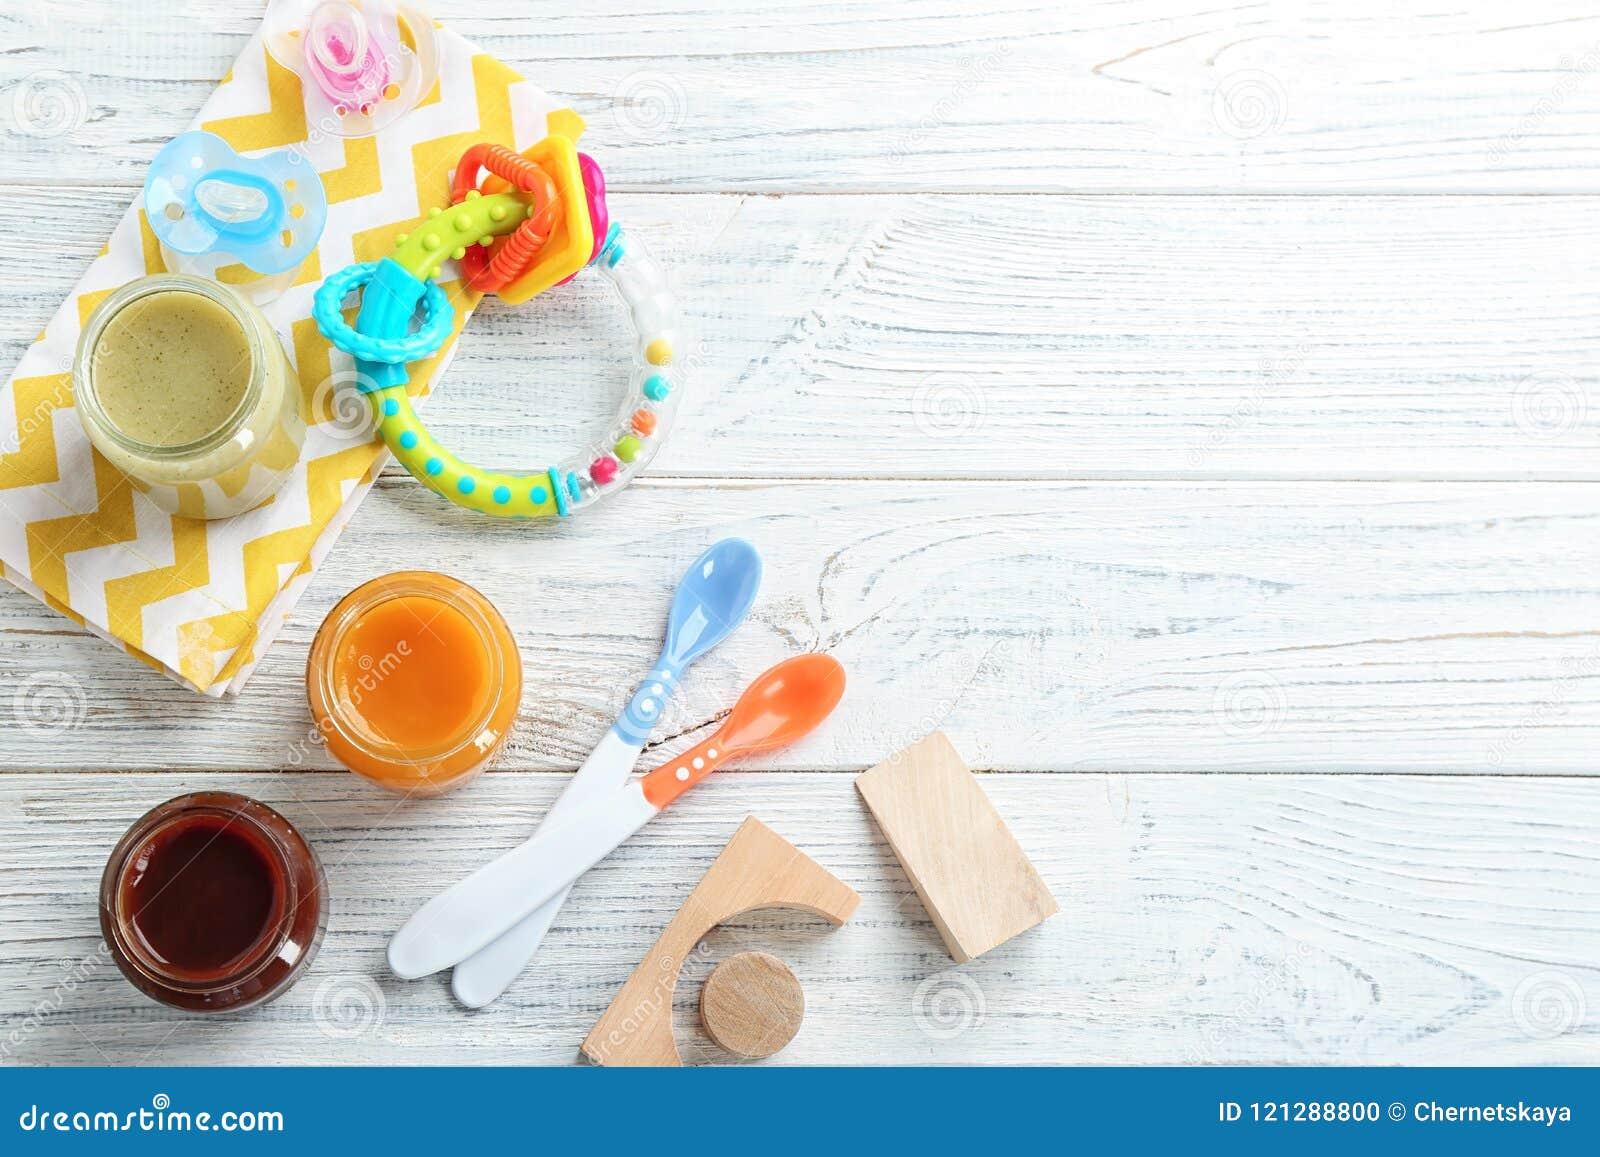 Composición plana de la endecha con los alimentos para niños y los accesorios